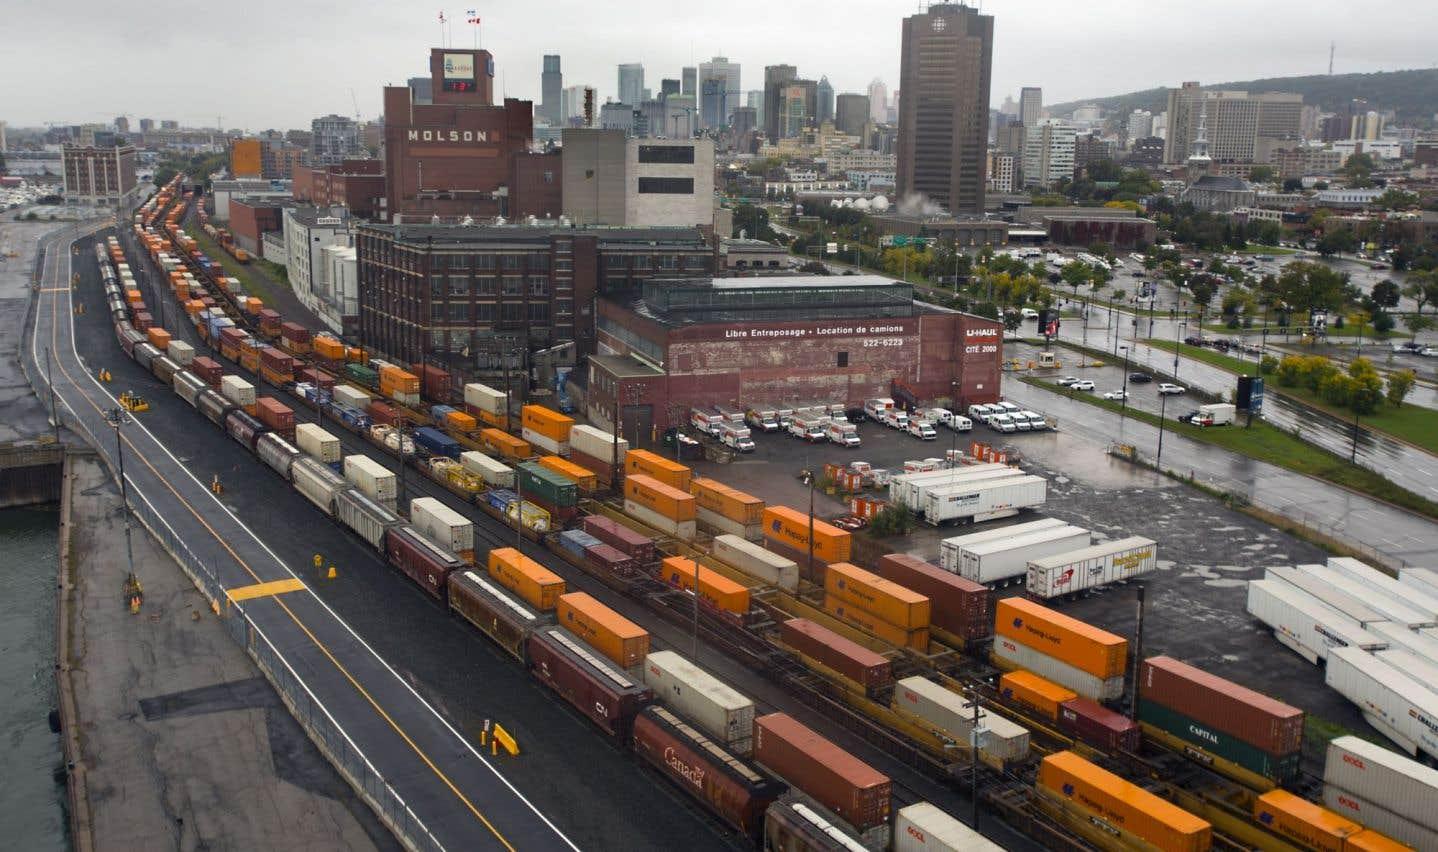 Les exportations vers les États-Unis ont reculé de 4,4% en avrilet représentent 73,3% des exportations québécoises.